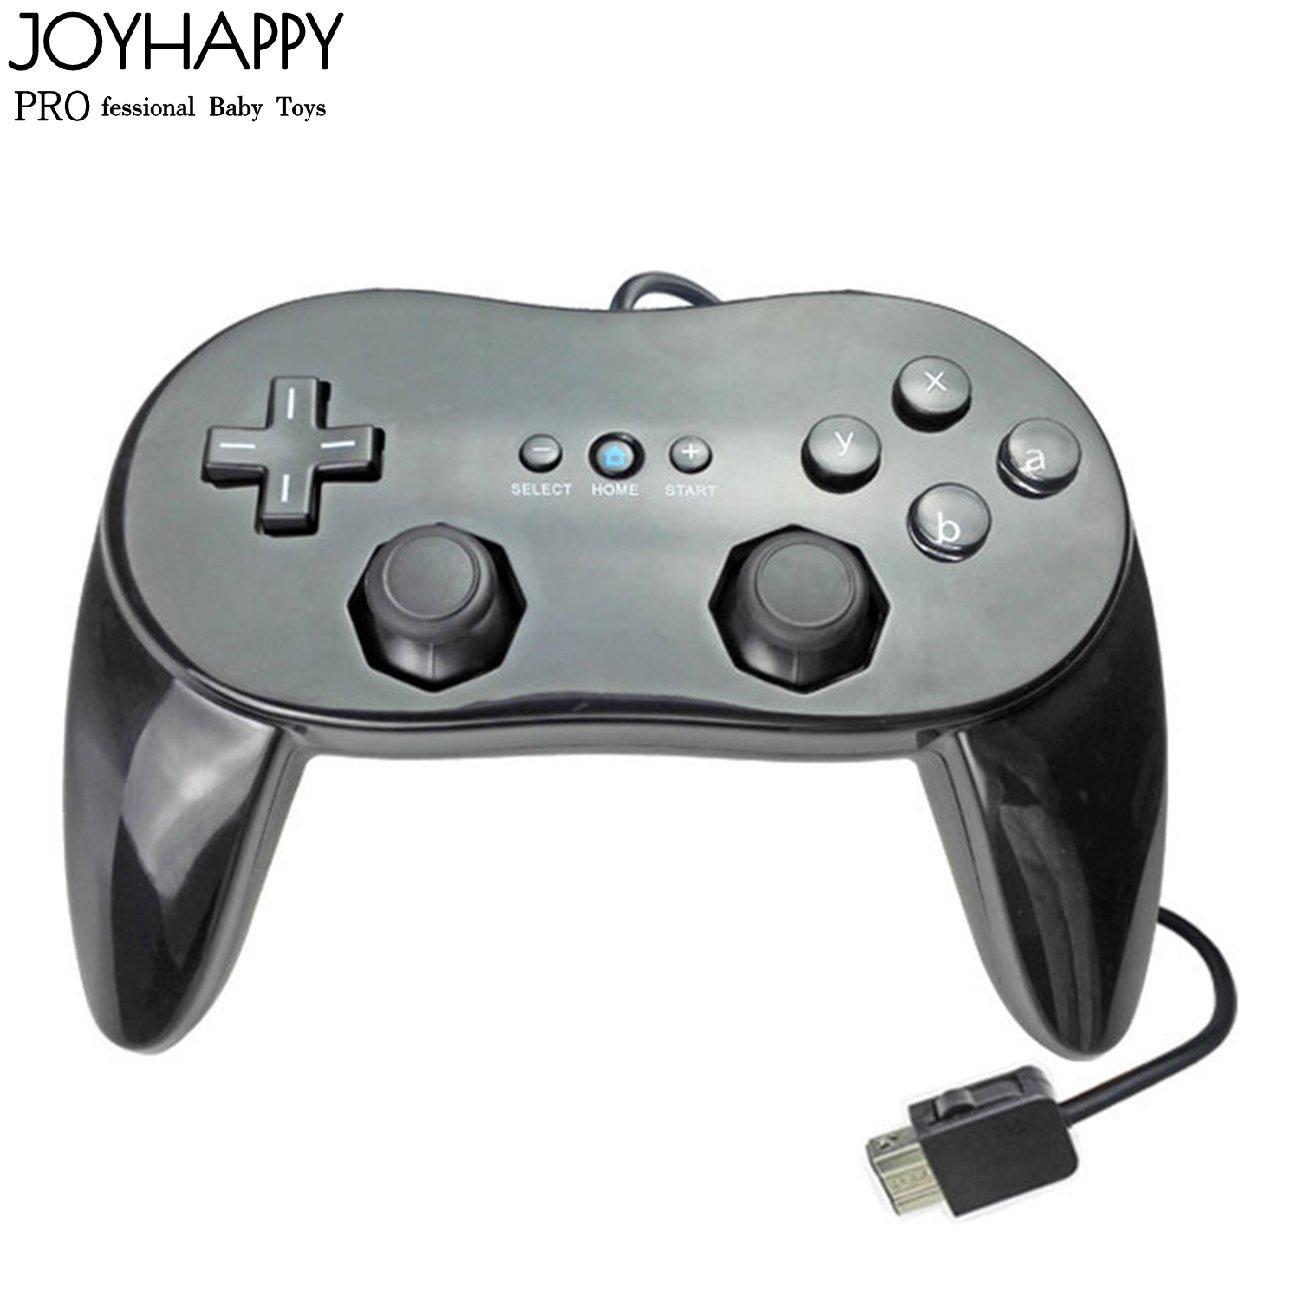 Điều Khiển Từ Xa Cho Máy Chơi Game Nintendo Wii chính hãng